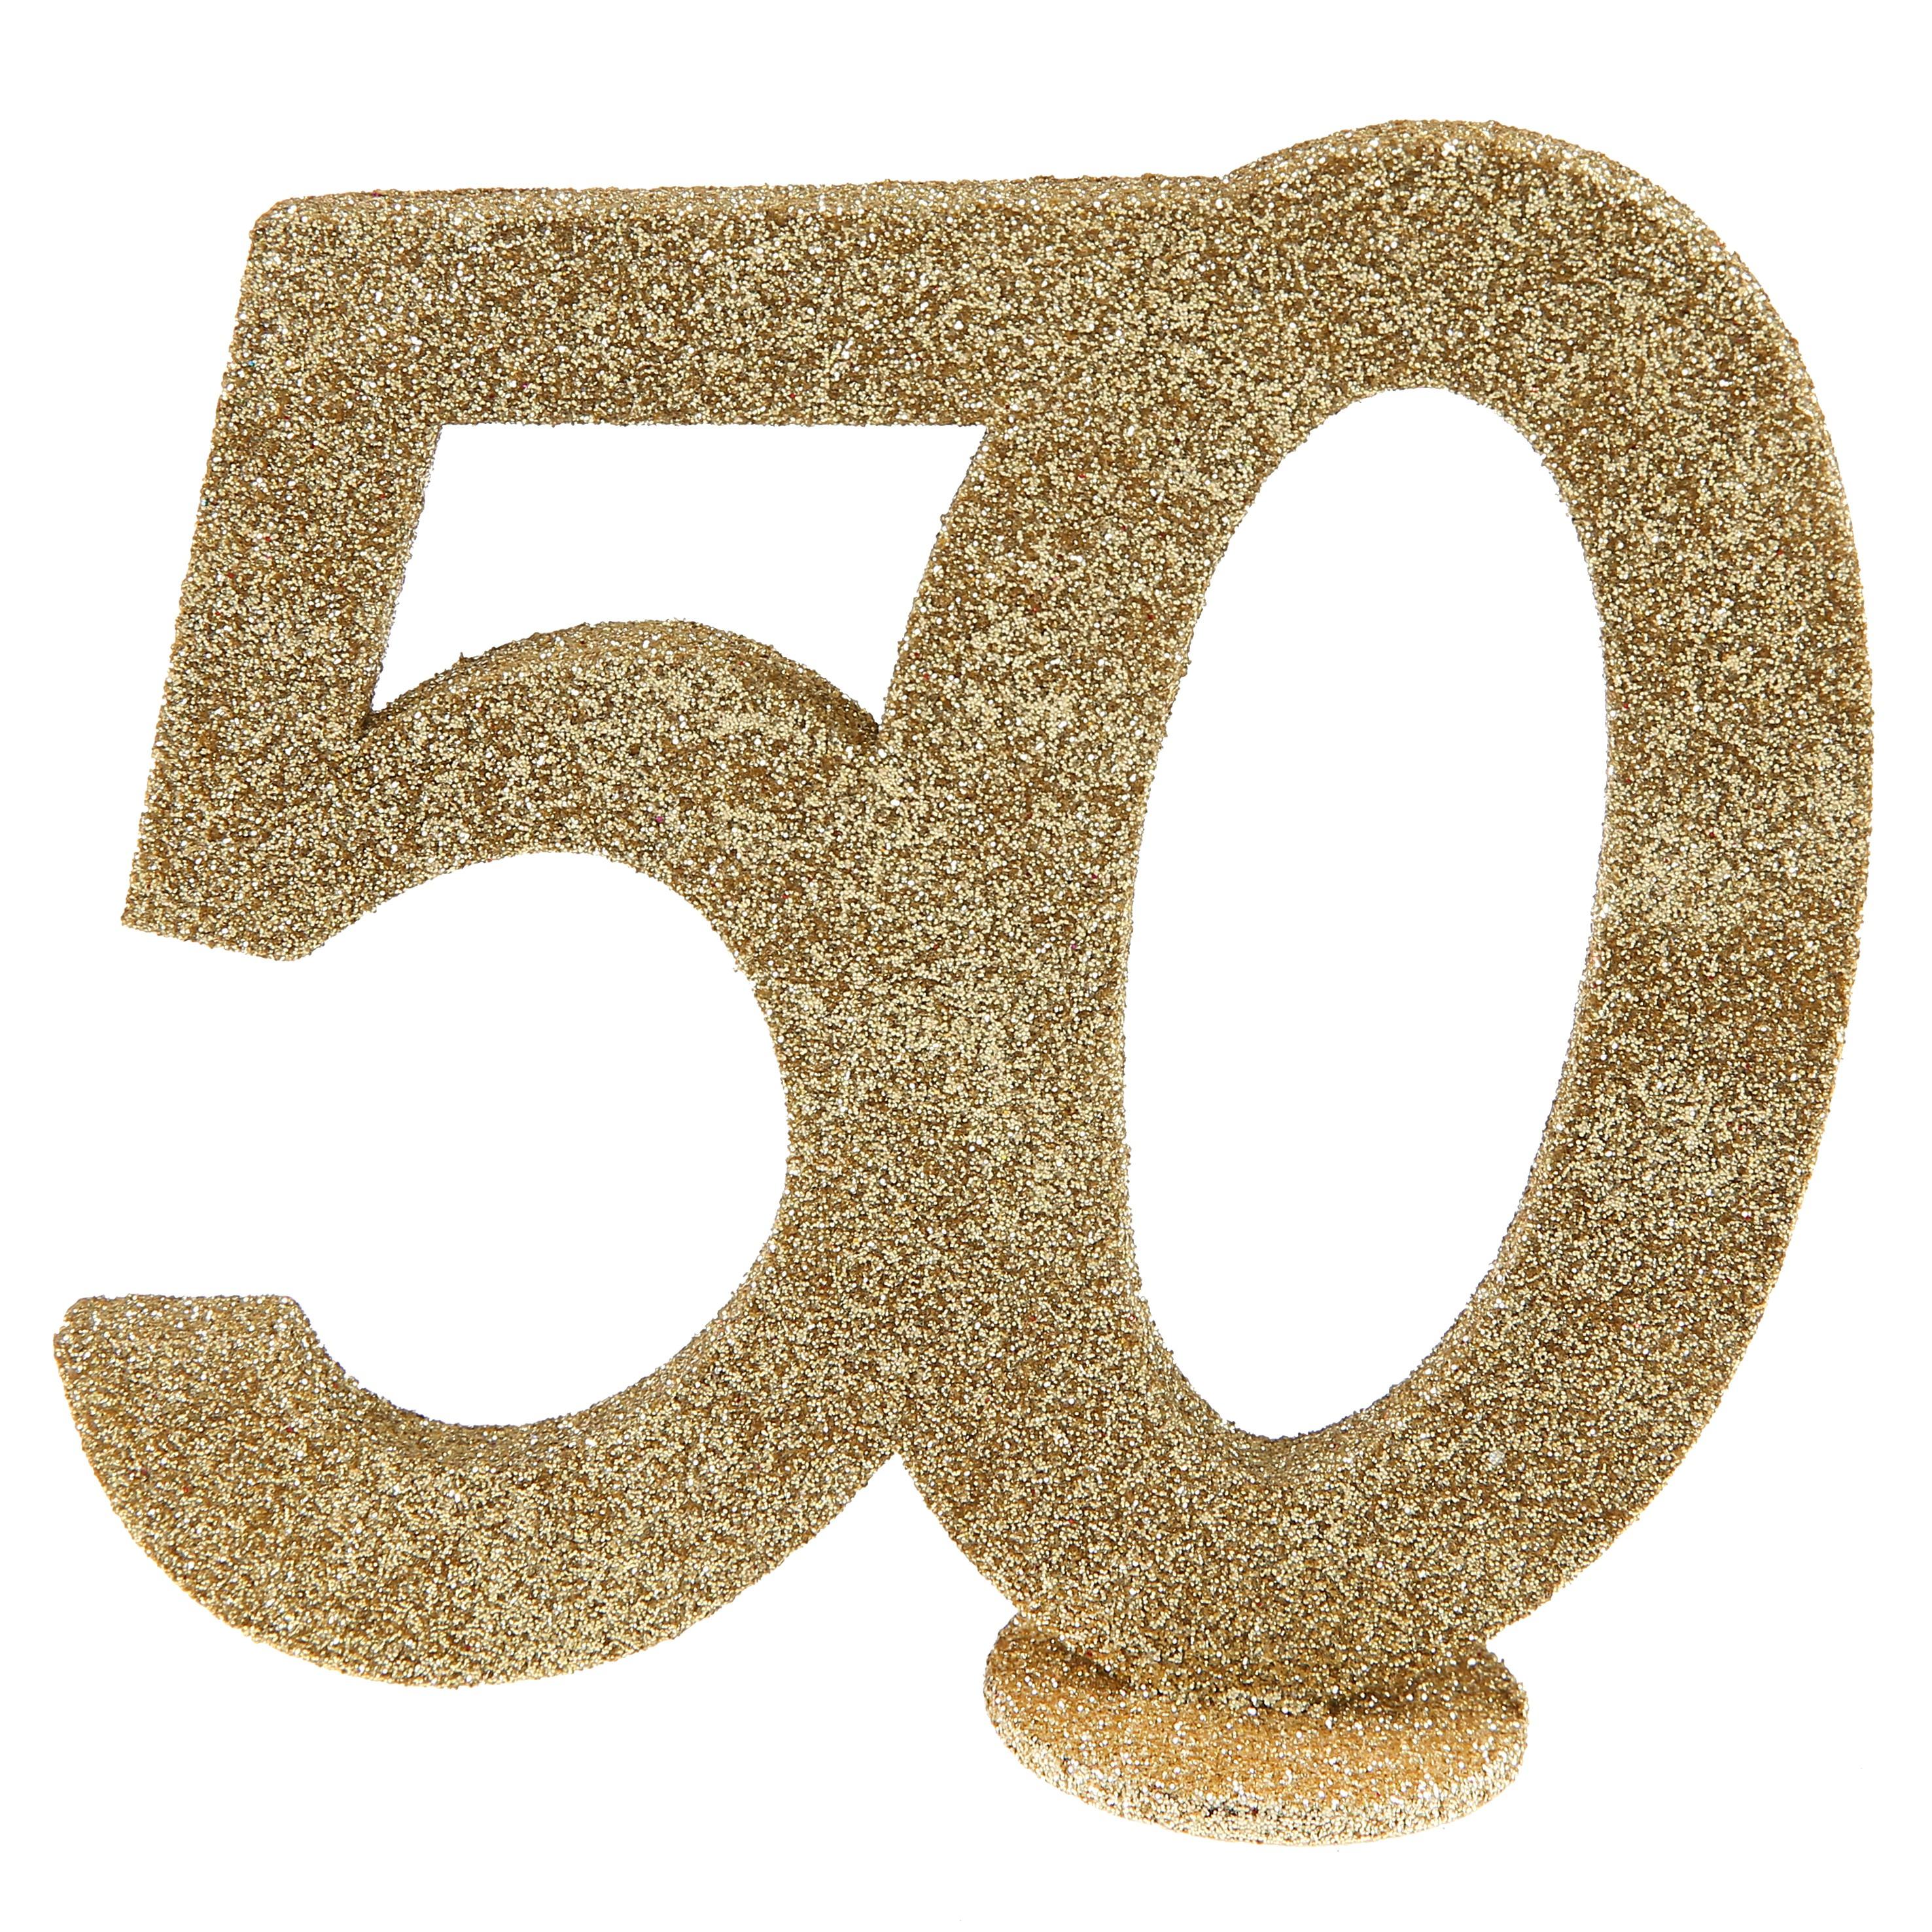 50 års tal 50 års glimmer tal   Guld   Festbyen 50 års tal